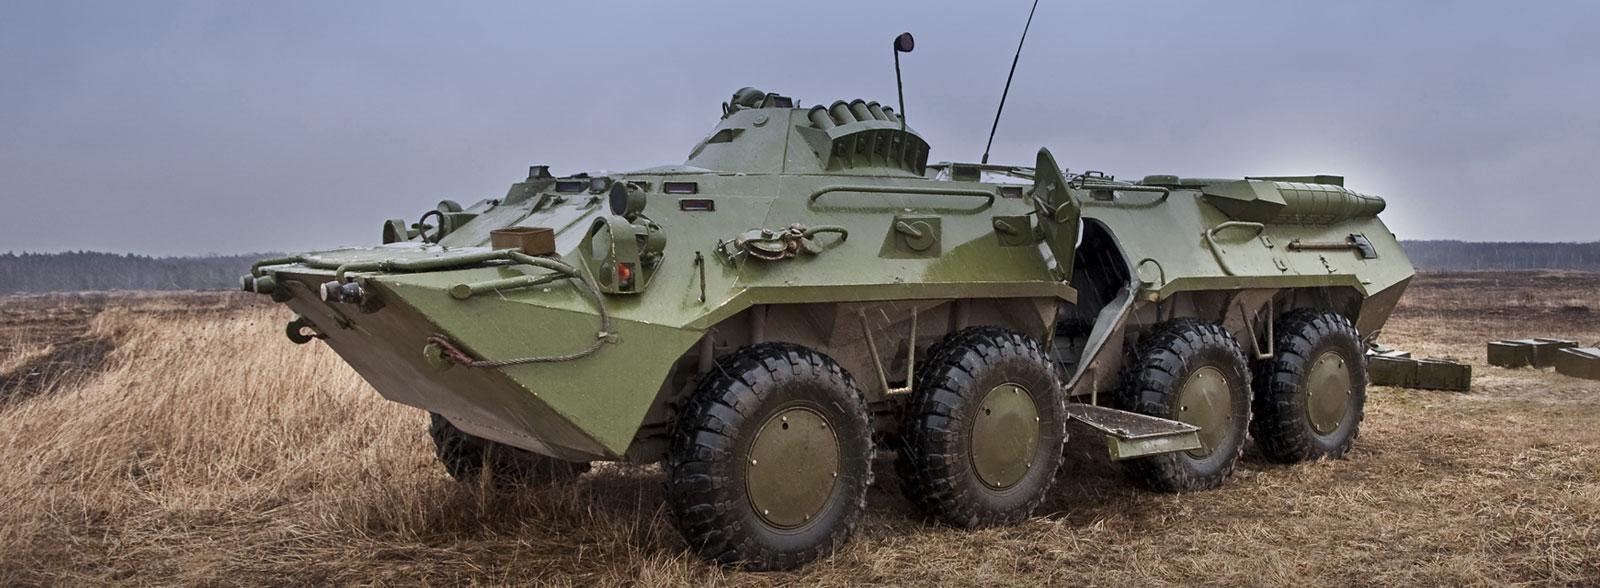 Military Vehicle Spare Parts I Tank Parts I Train Parts I Railway Parts